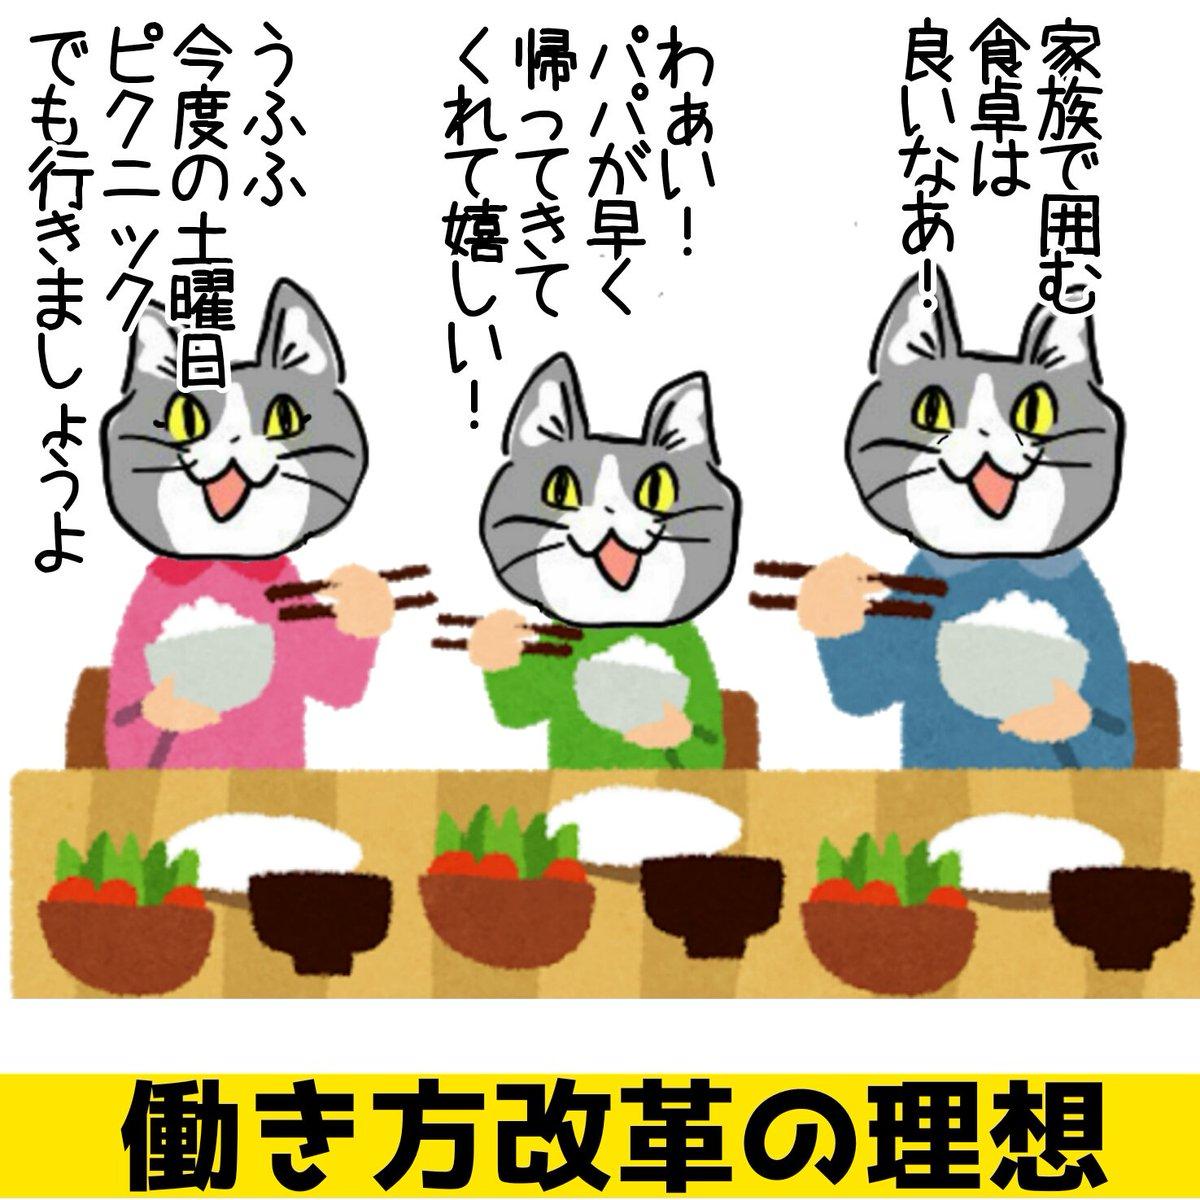 働き方改革の理想と現実 #現場猫